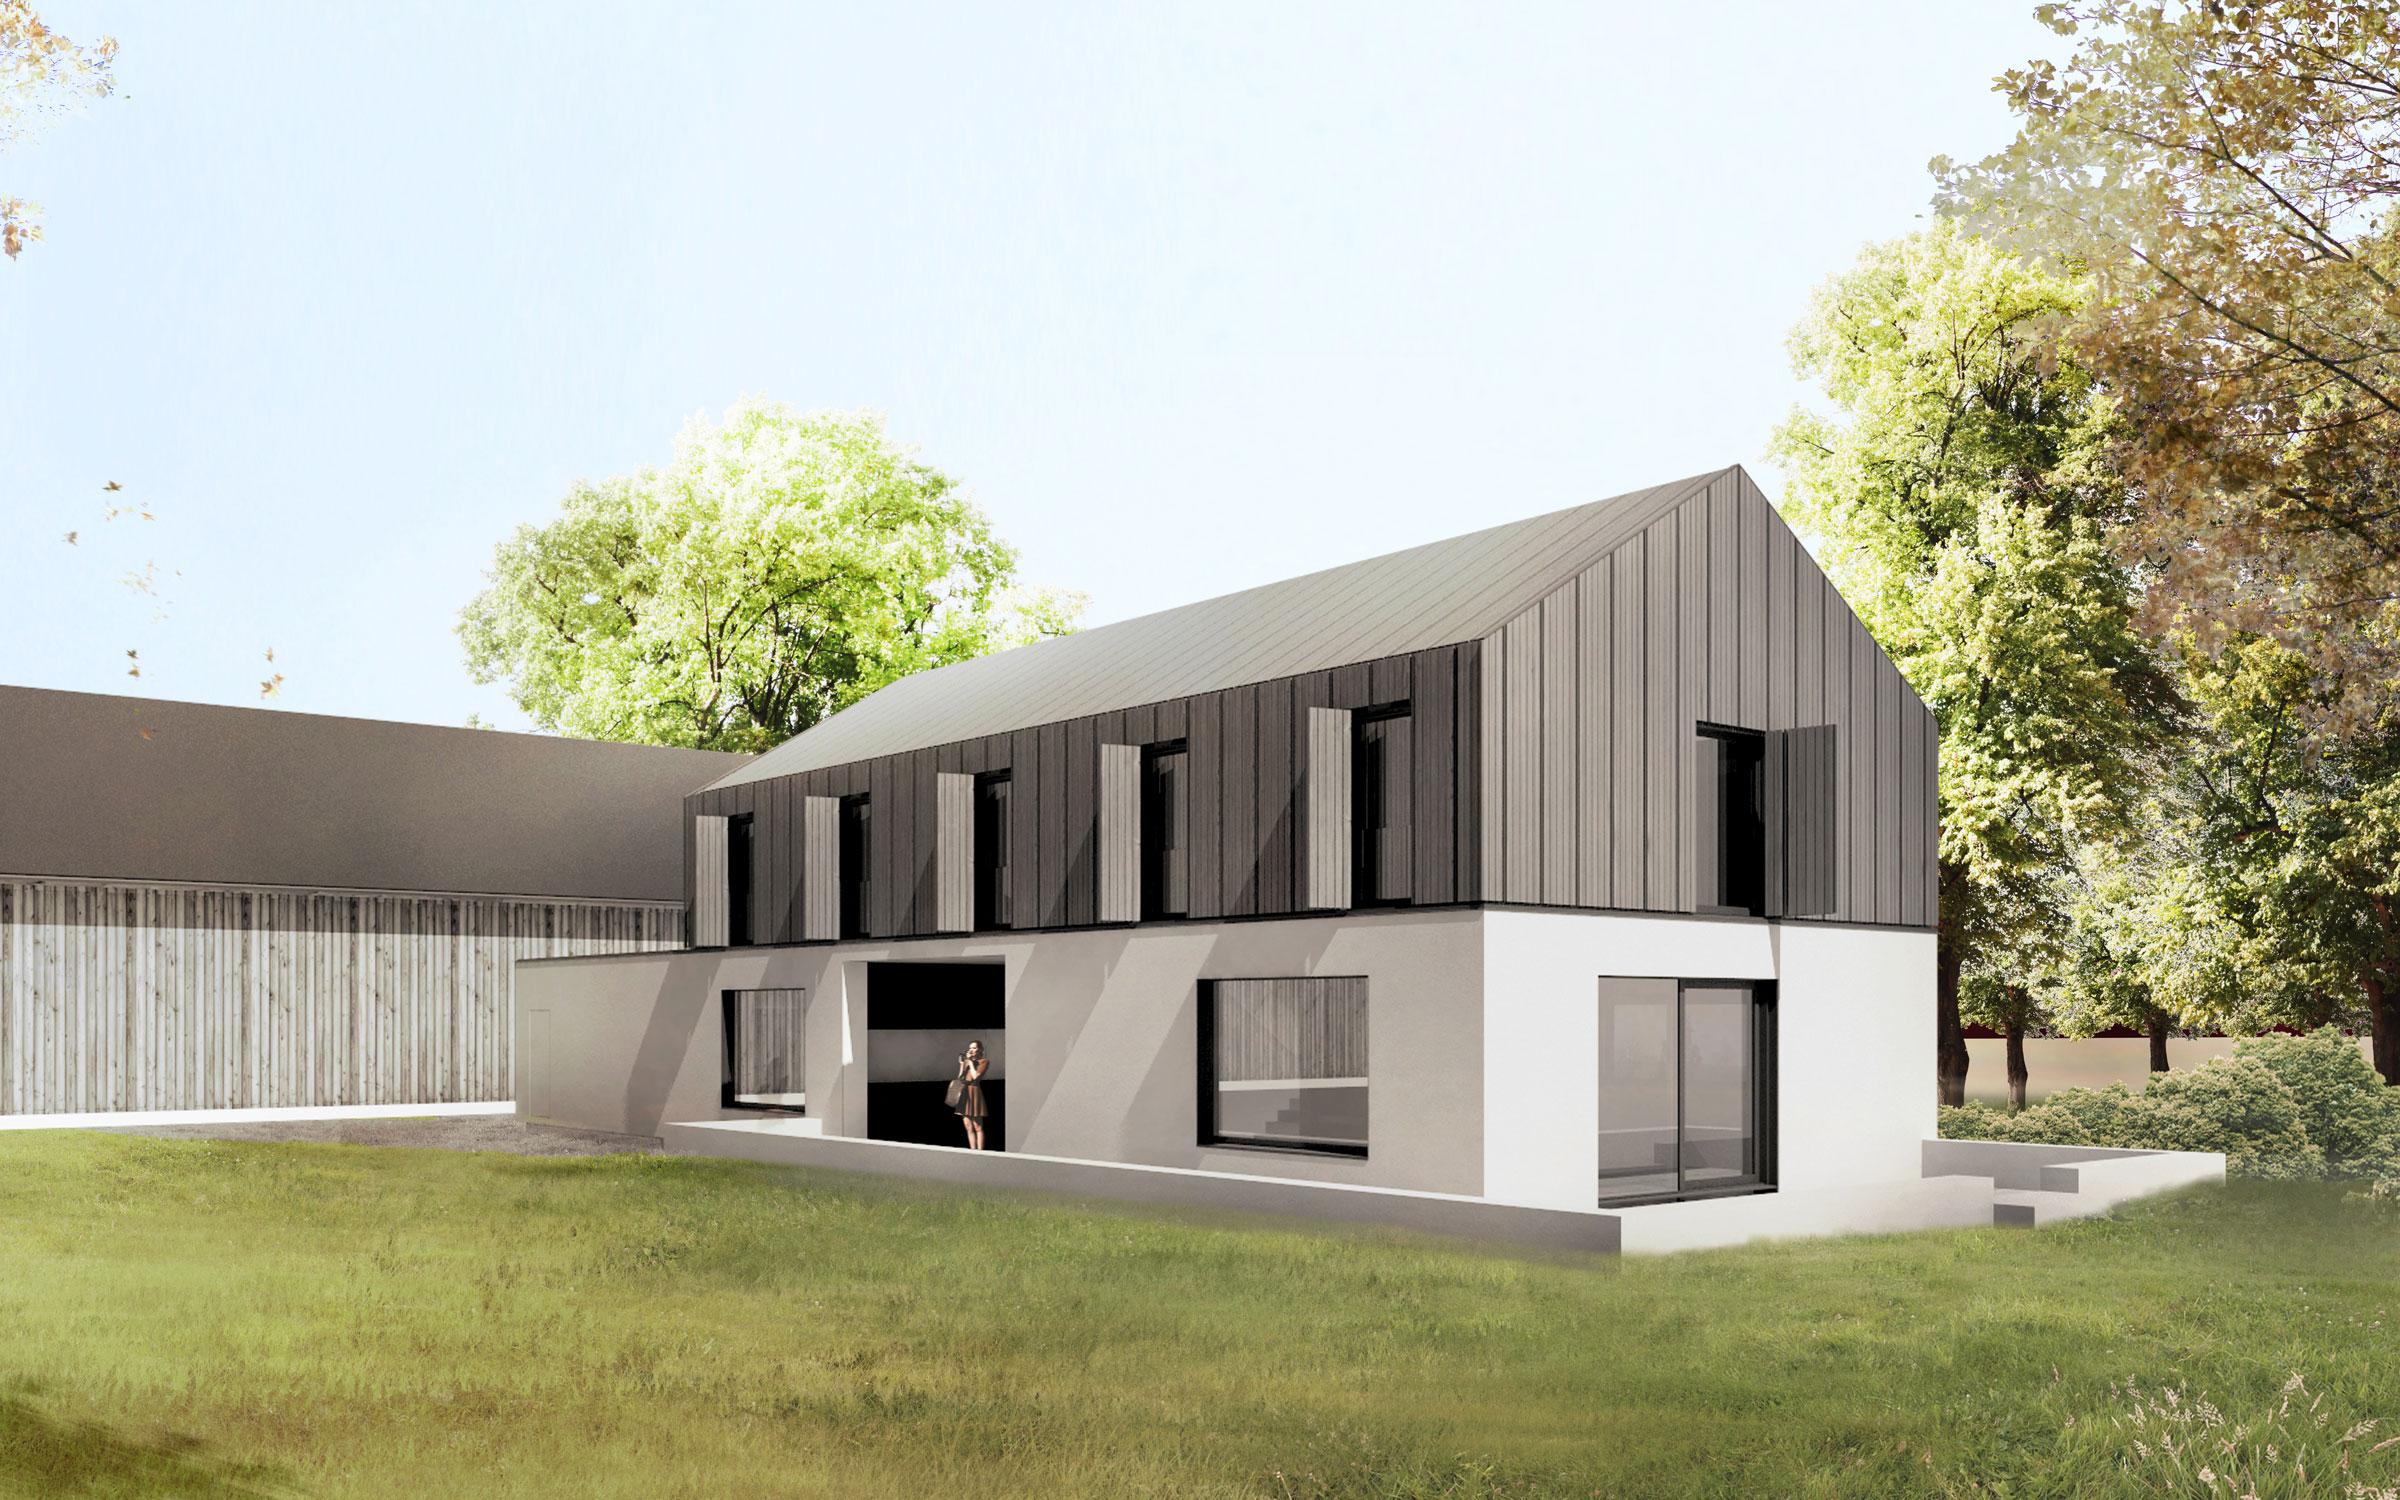 Hofgut neubau dia dittel architekten for Architektur wohnen